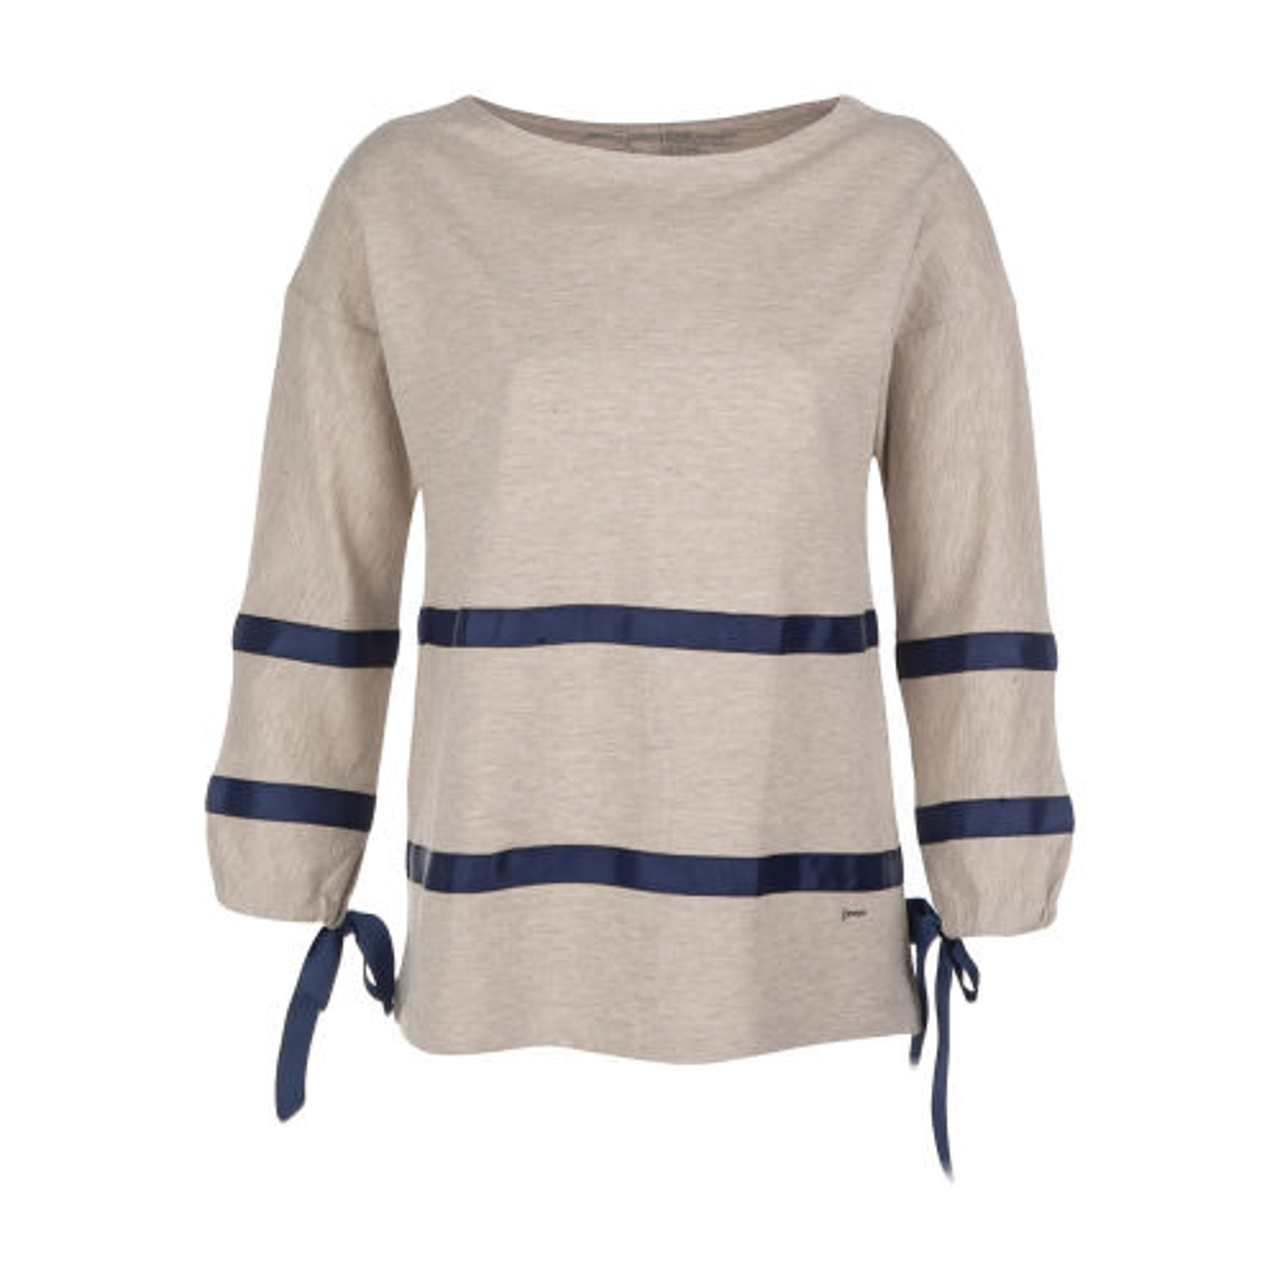 تی شرت زنانه گارودی مدل 1003107019-91